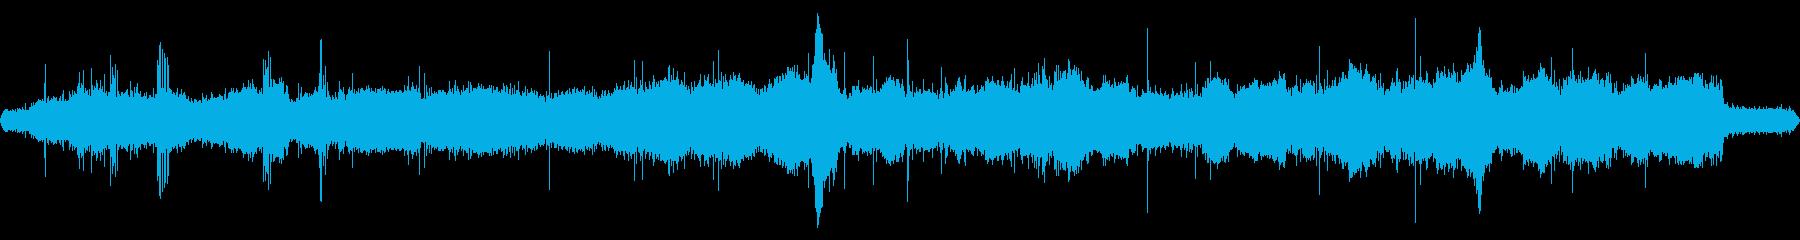 草刈り機の音など【冬、昼】の再生済みの波形